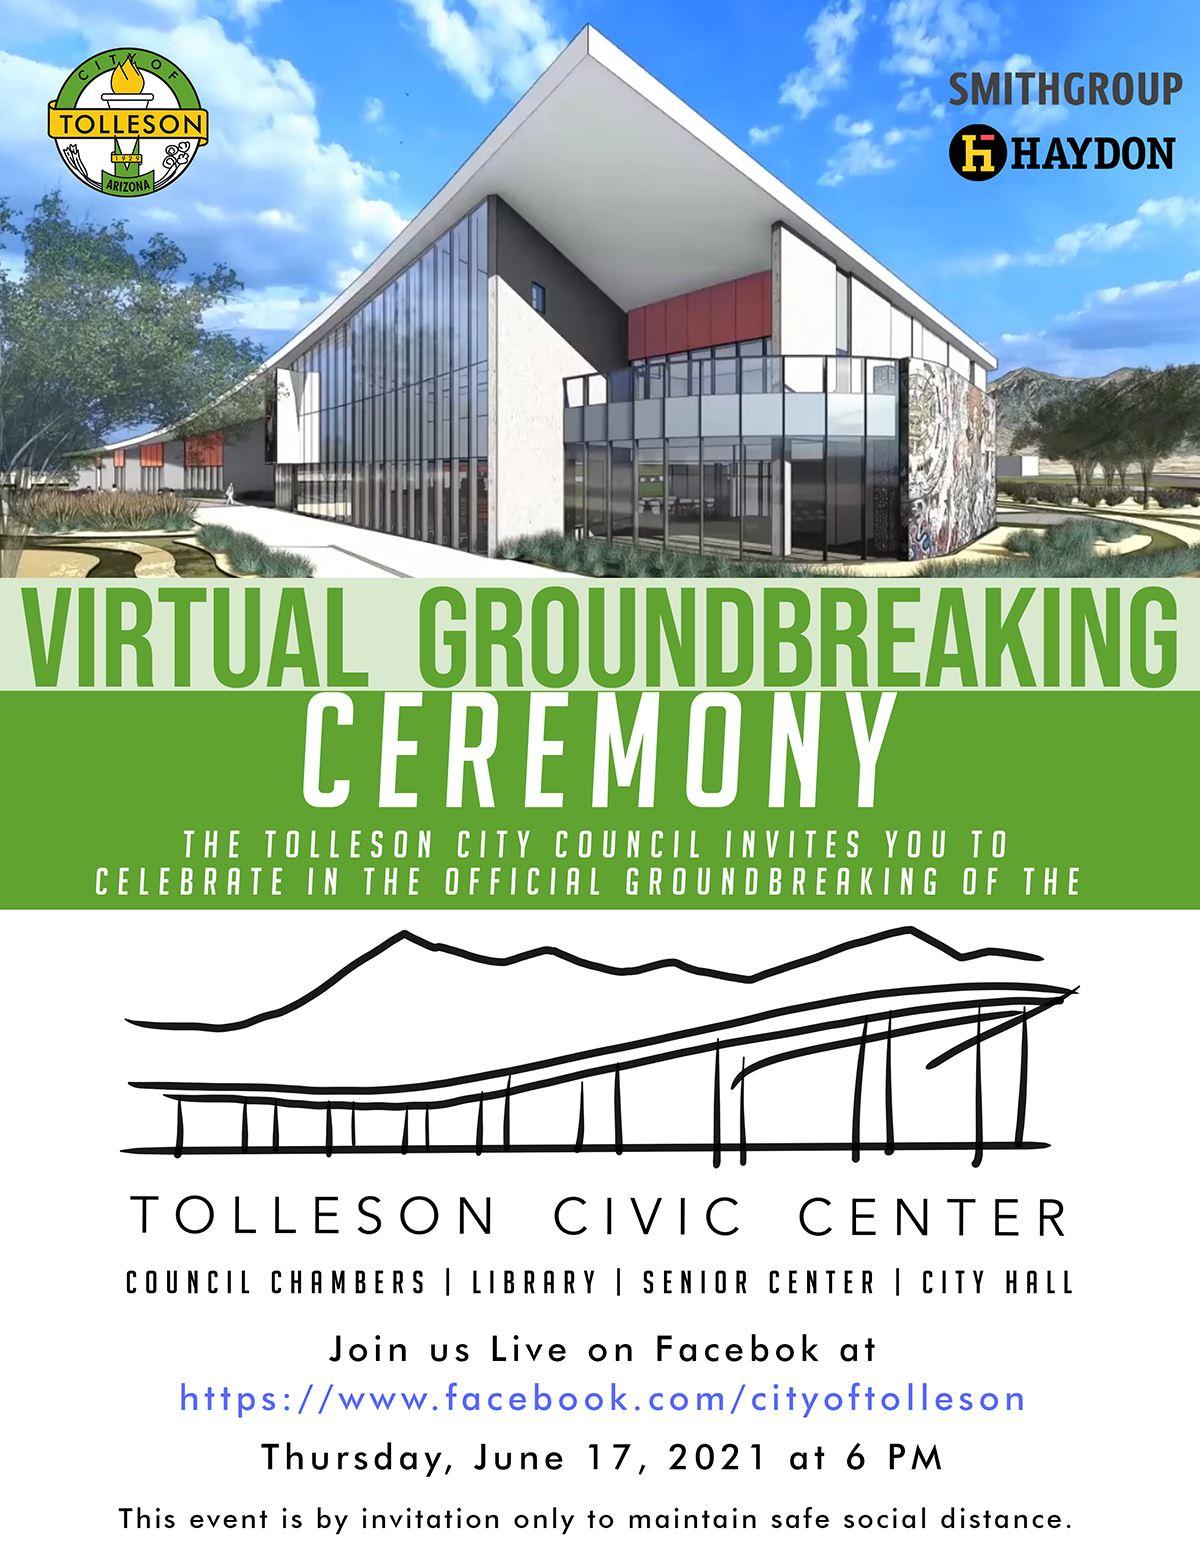 Tolleson Virtual Groundbreaking Ceremony Invitation 6.17.2021 6PM